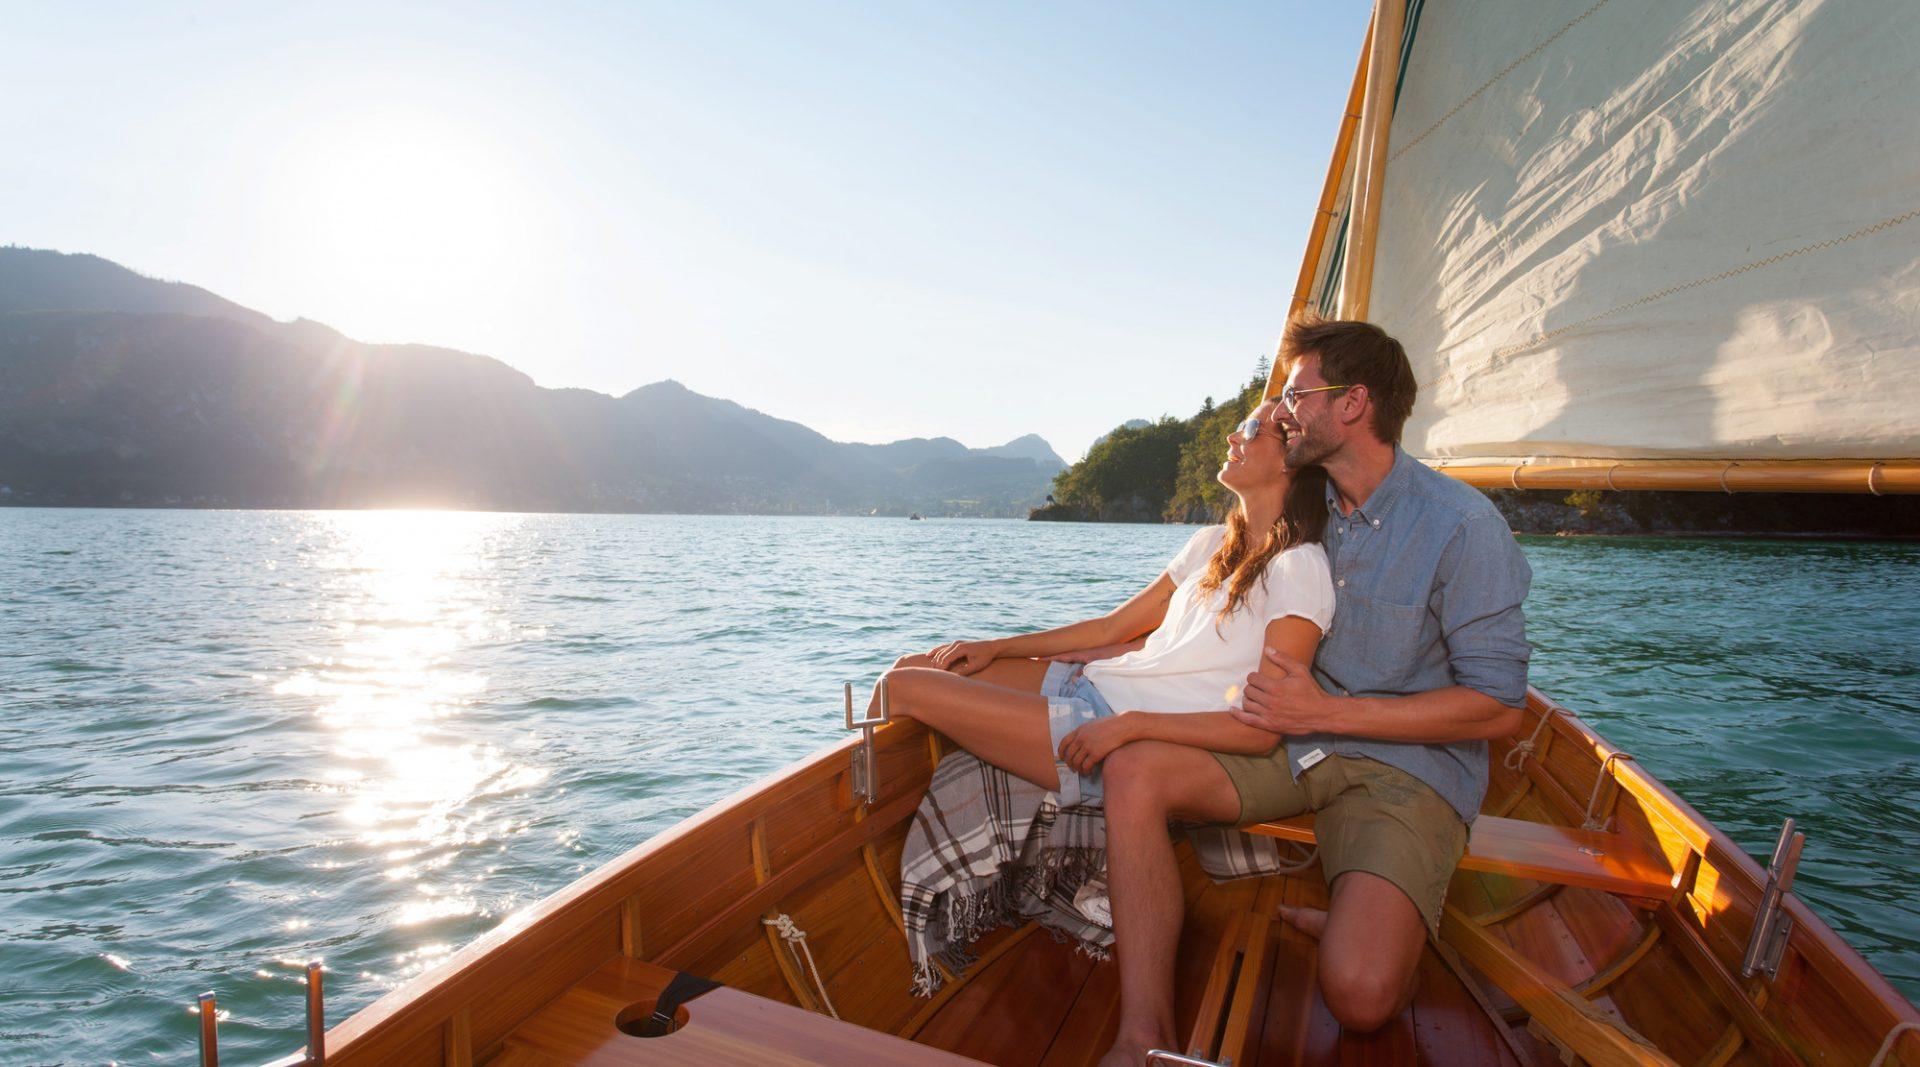 Paar genießt die Sonne beim Segeln vom Boot aus.